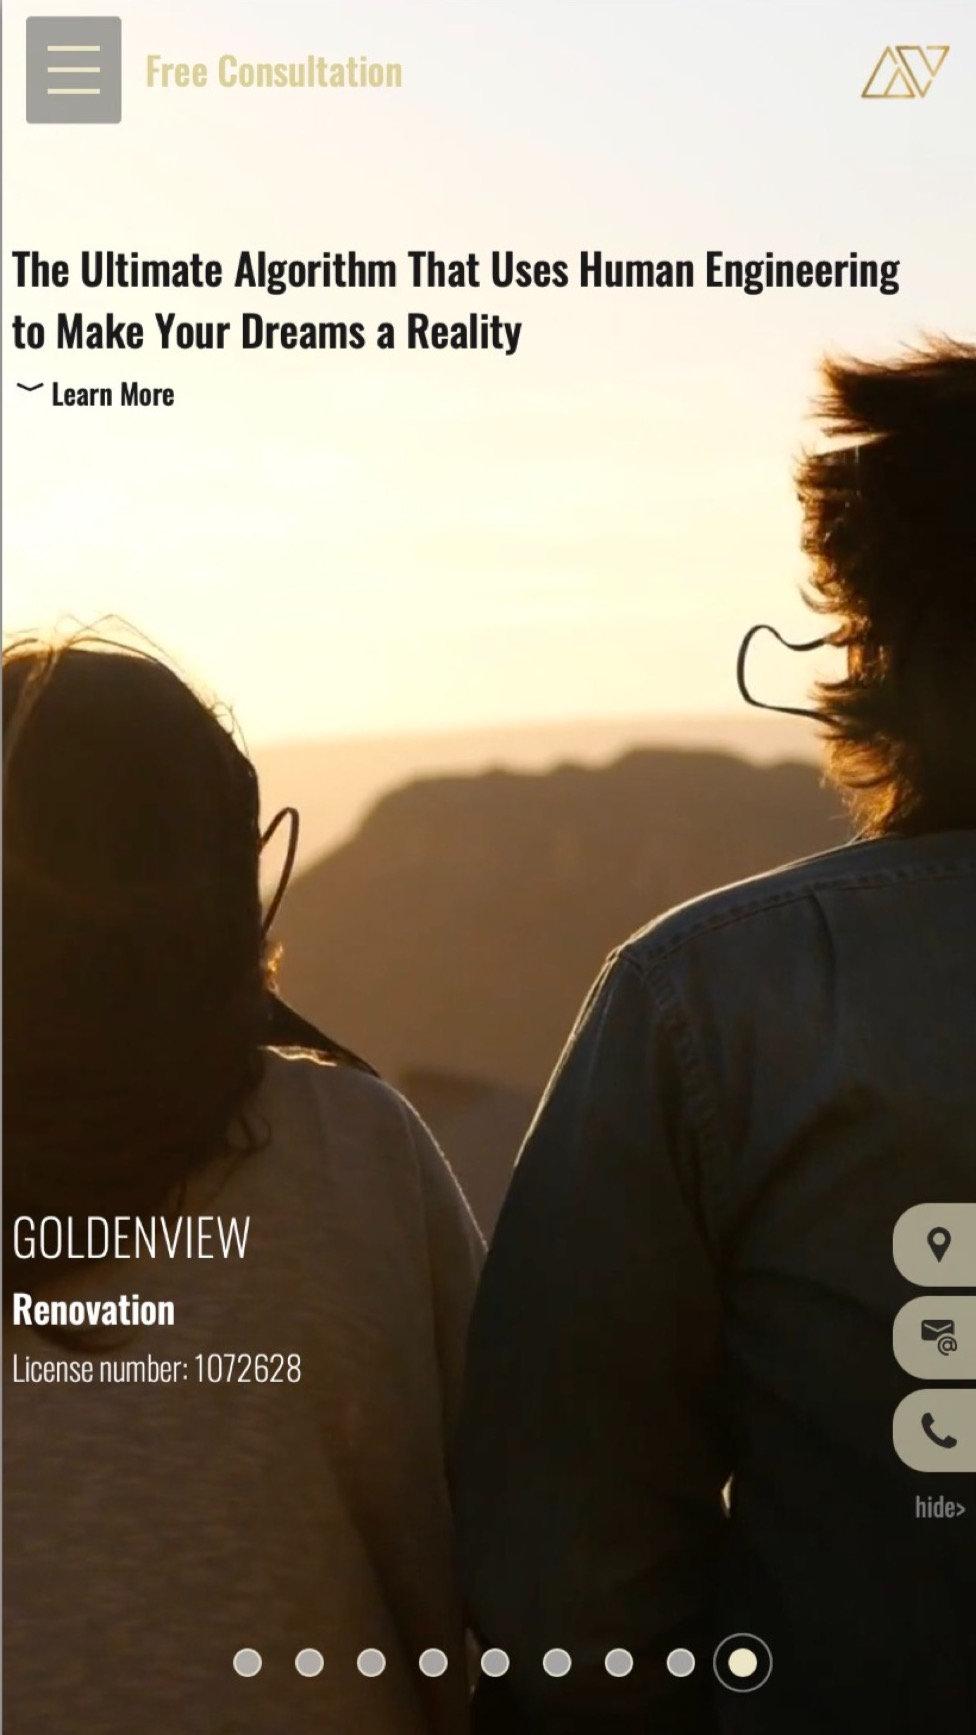 Goldenviewrenovation.com